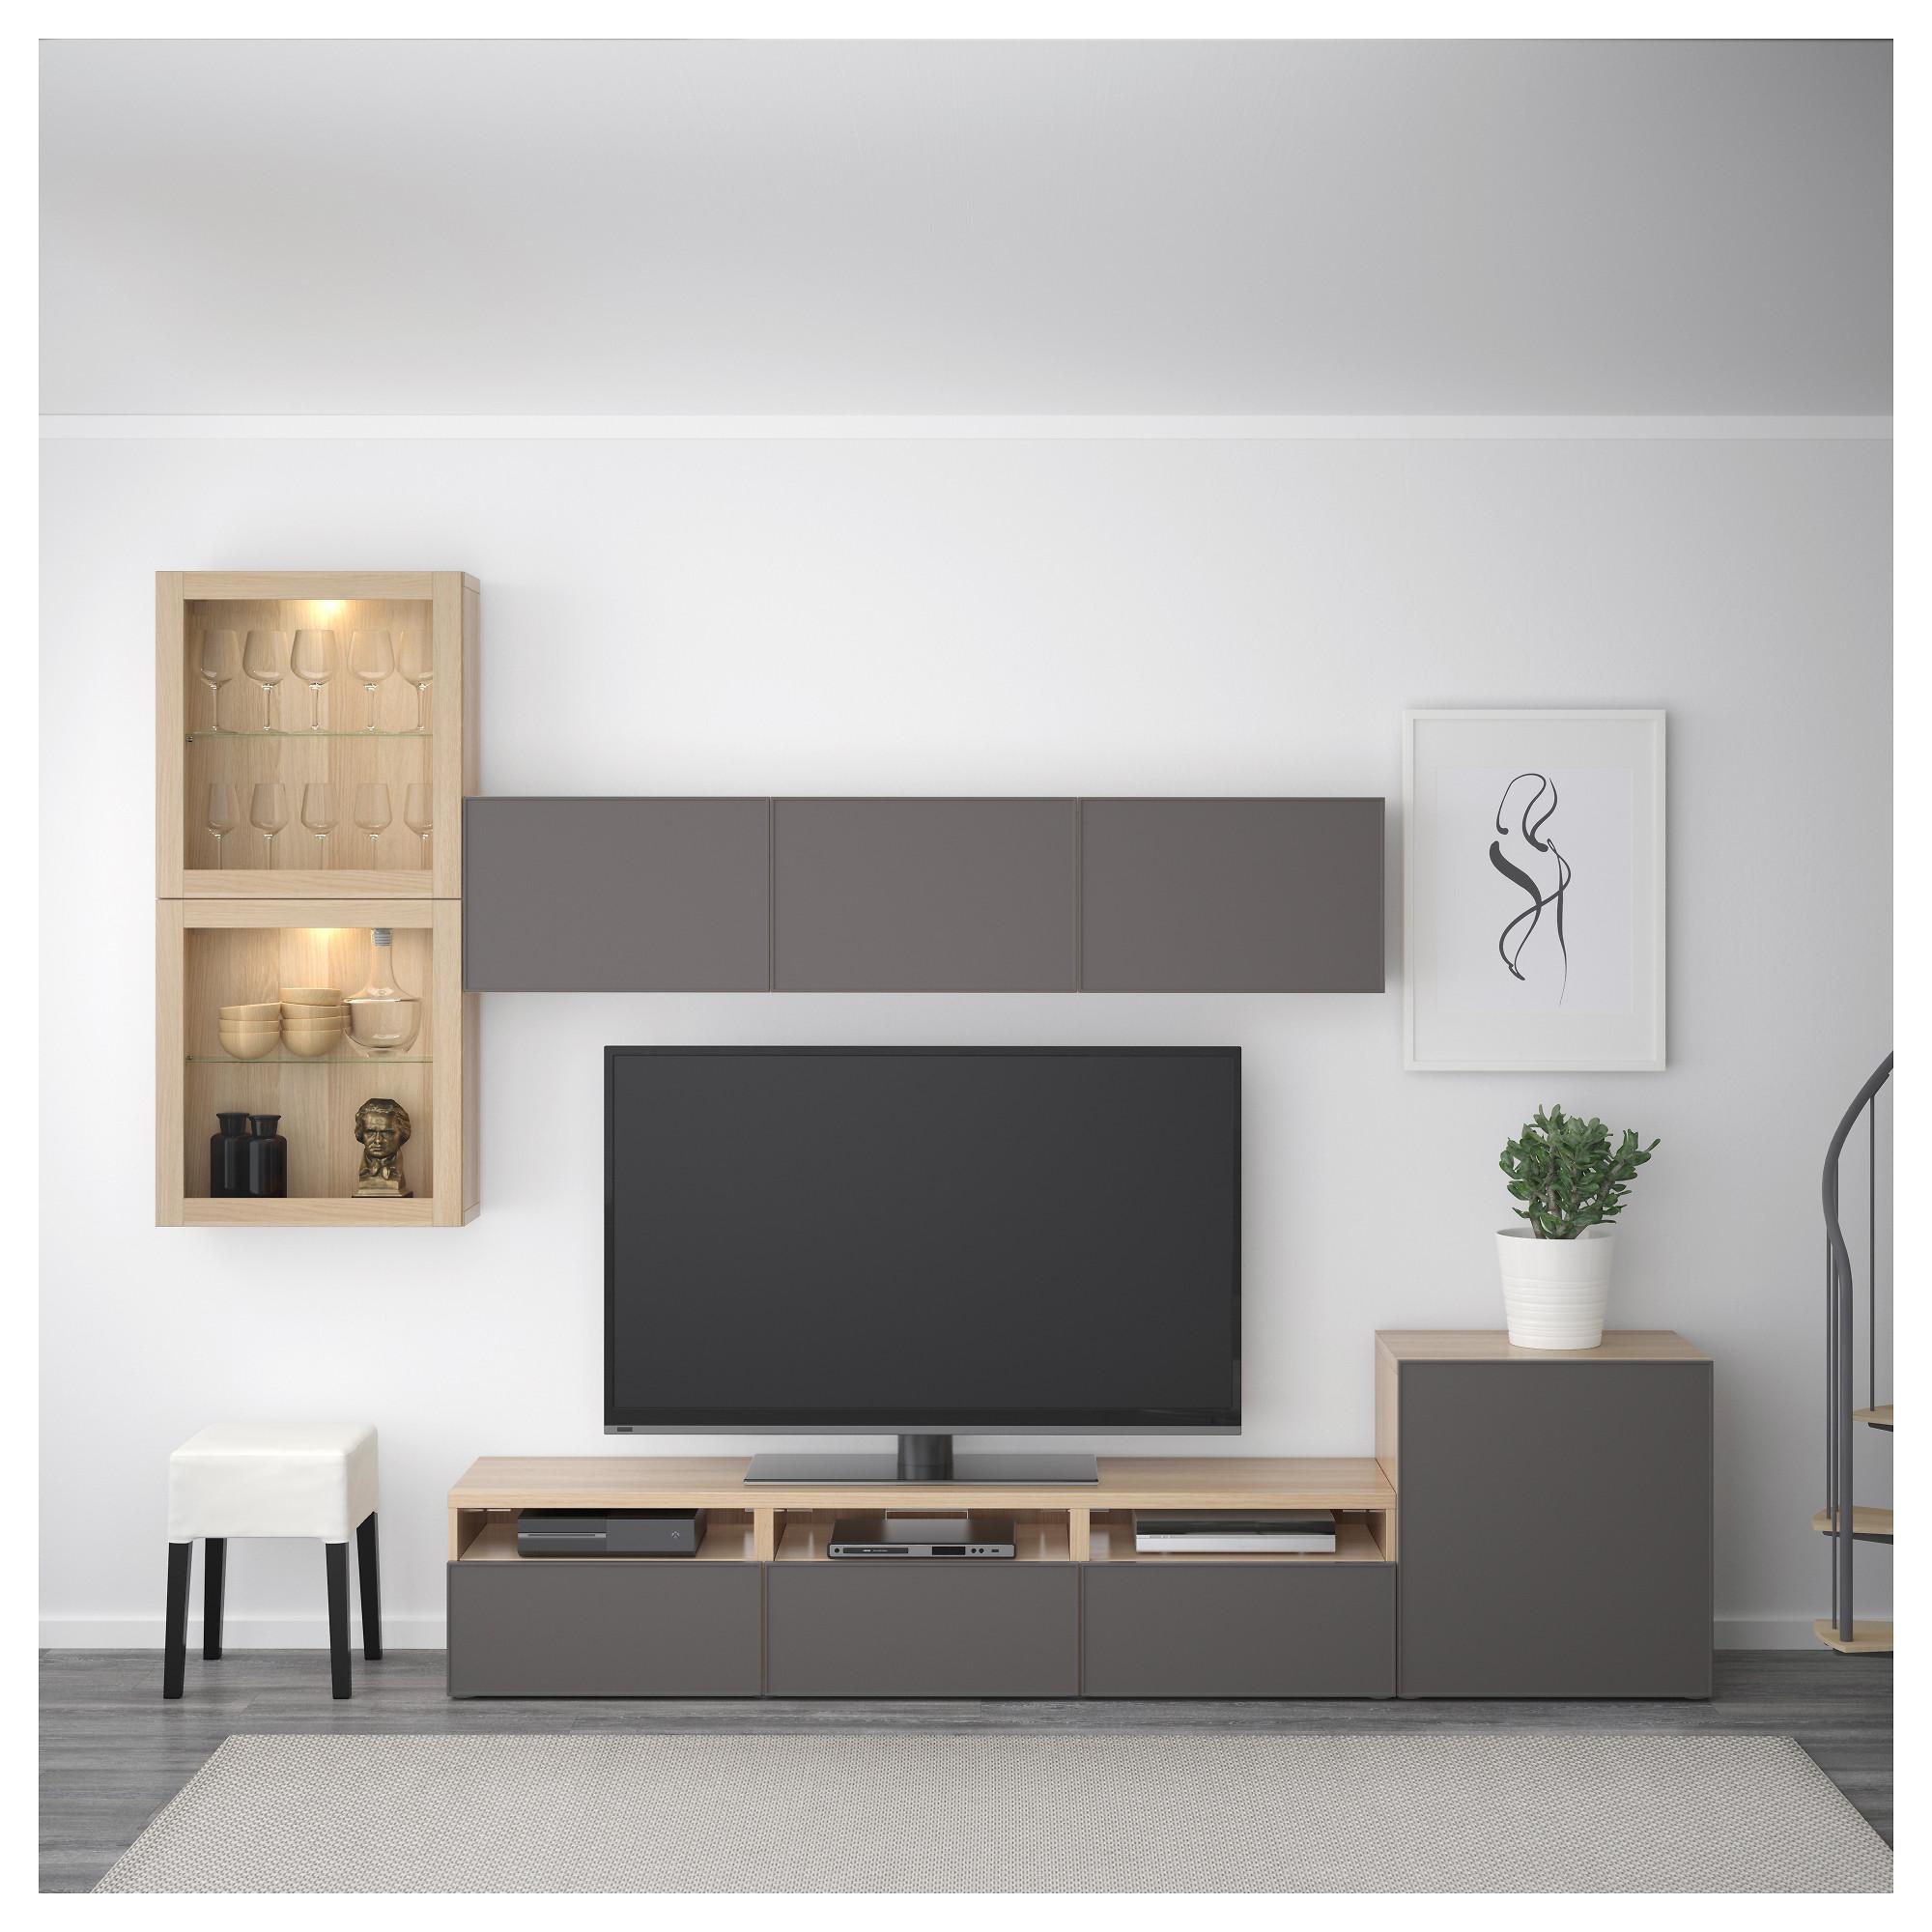 Шкаф для ТВ, комбинированный, стекляные дверцы БЕСТО темно-серый артикуль № 992.522.11 в наличии. Интернет сайт IKEA Минск. Недорогая доставка и соборка.